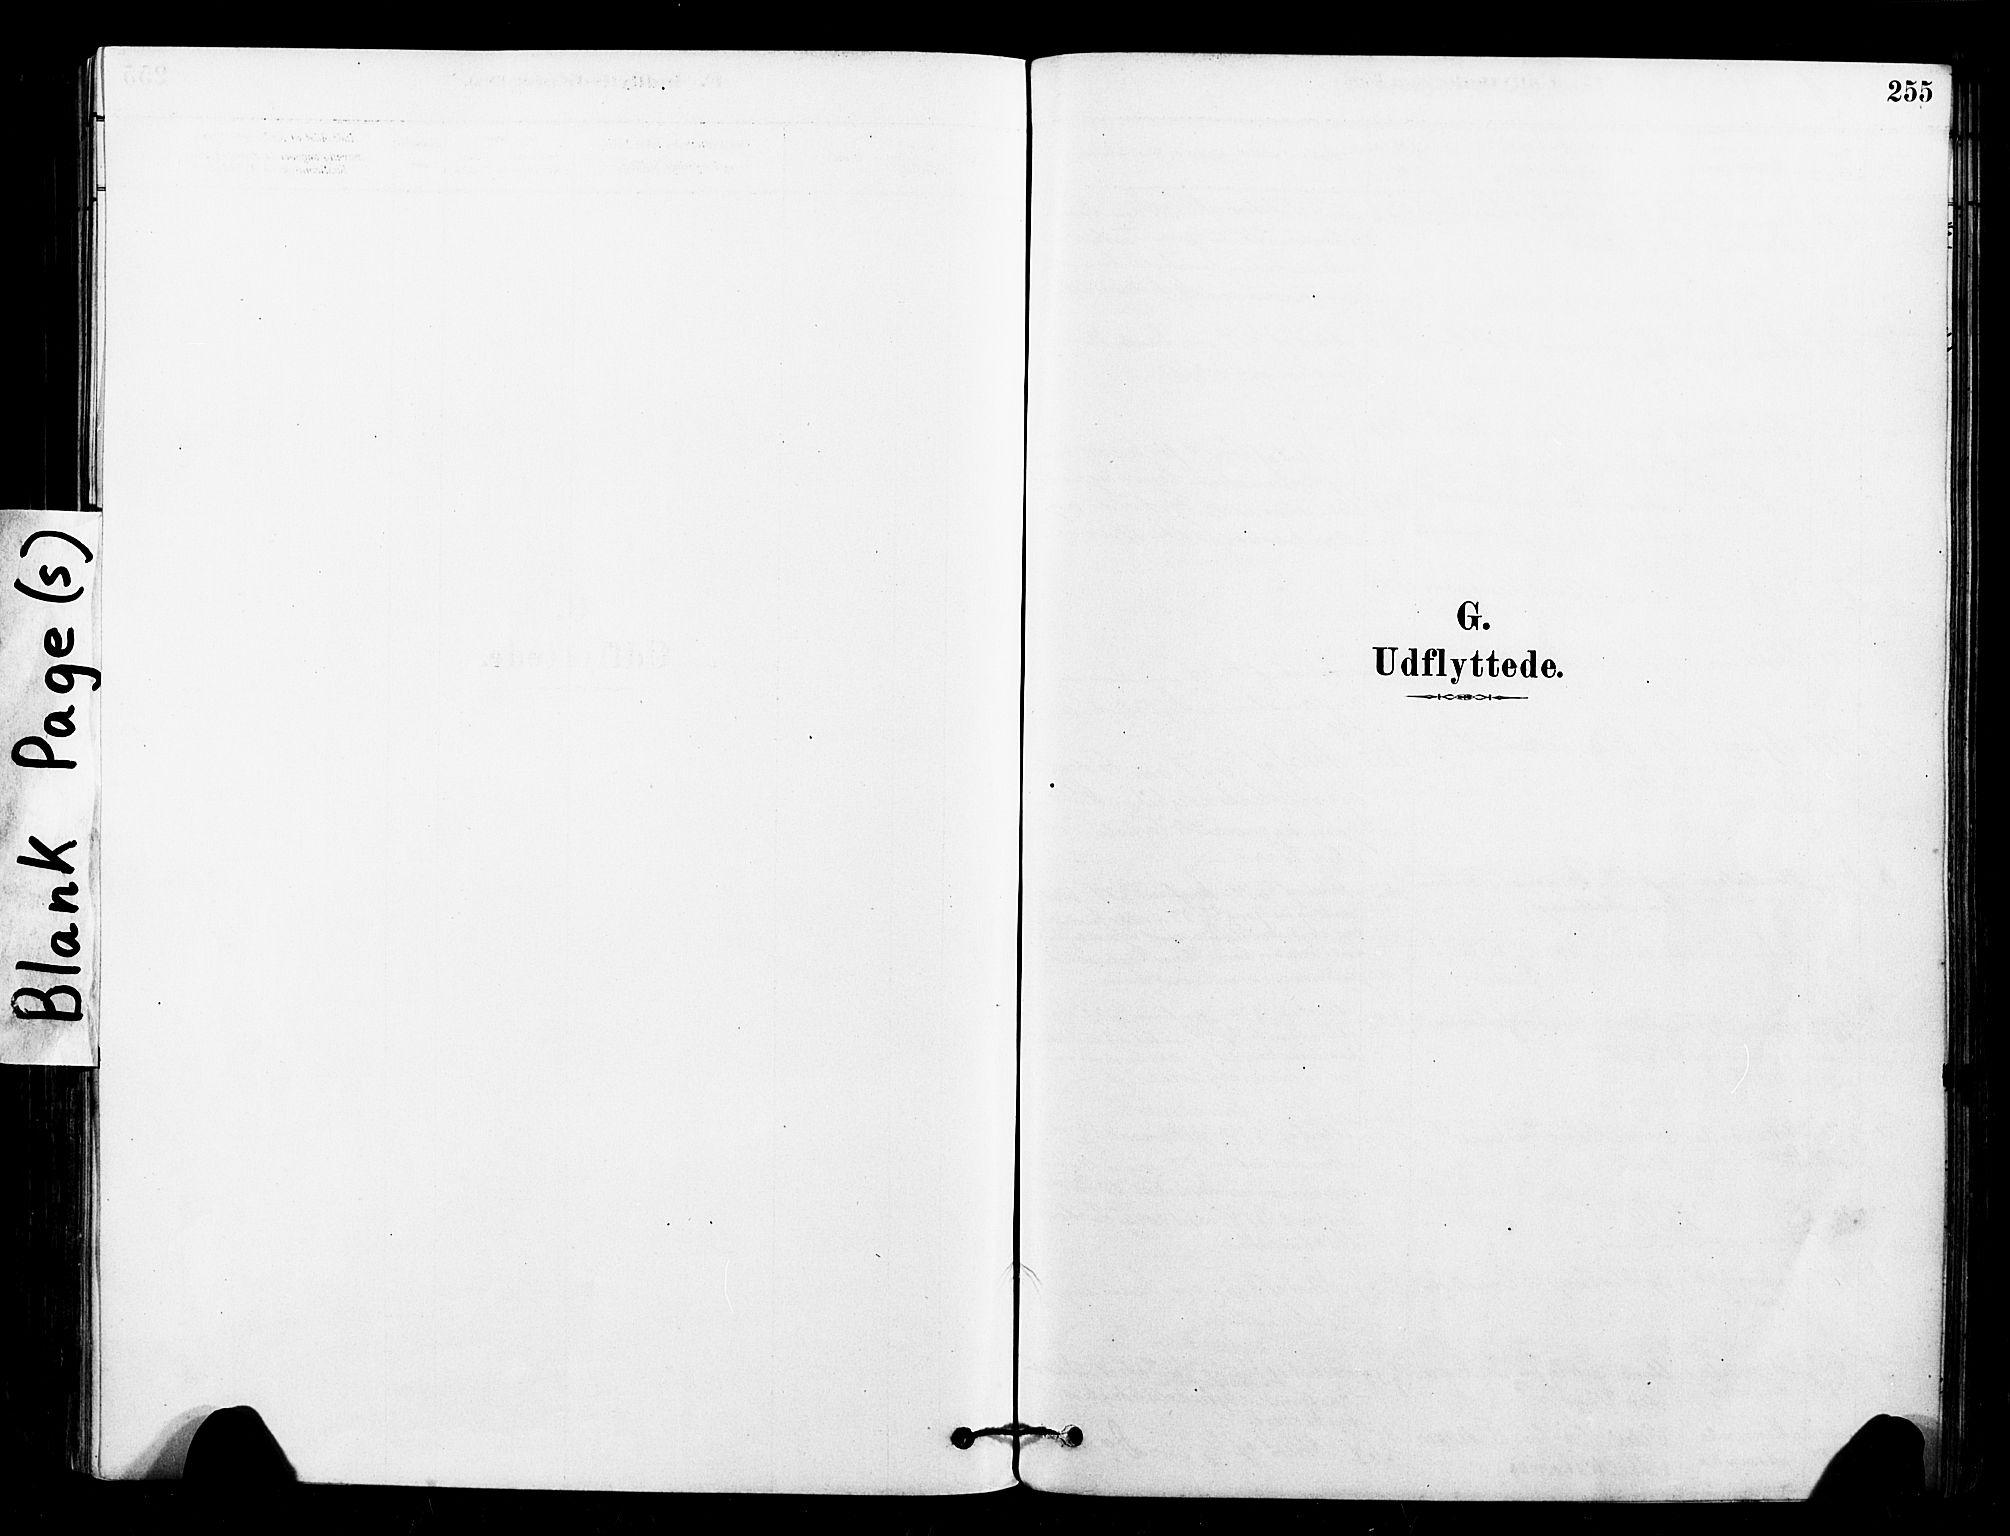 SAT, Ministerialprotokoller, klokkerbøker og fødselsregistre - Sør-Trøndelag, 640/L0578: Ministerialbok nr. 640A03, 1879-1889, s. 255